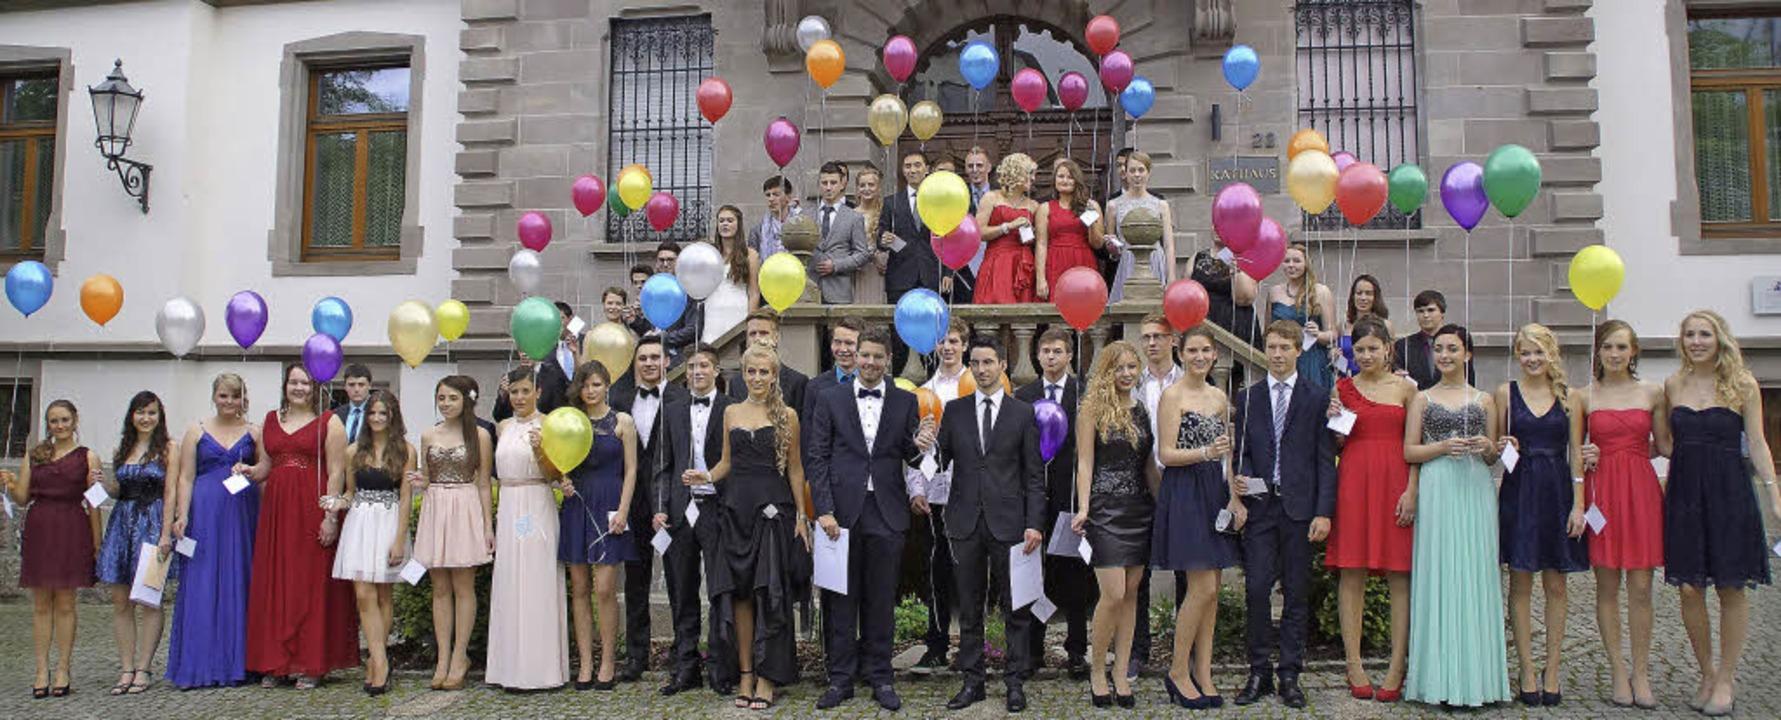 Mit Luftballons vor dem Rathaus verabs...itursjahrgang 2014 von der Schulzeit.   | Foto: Verena Wehrle